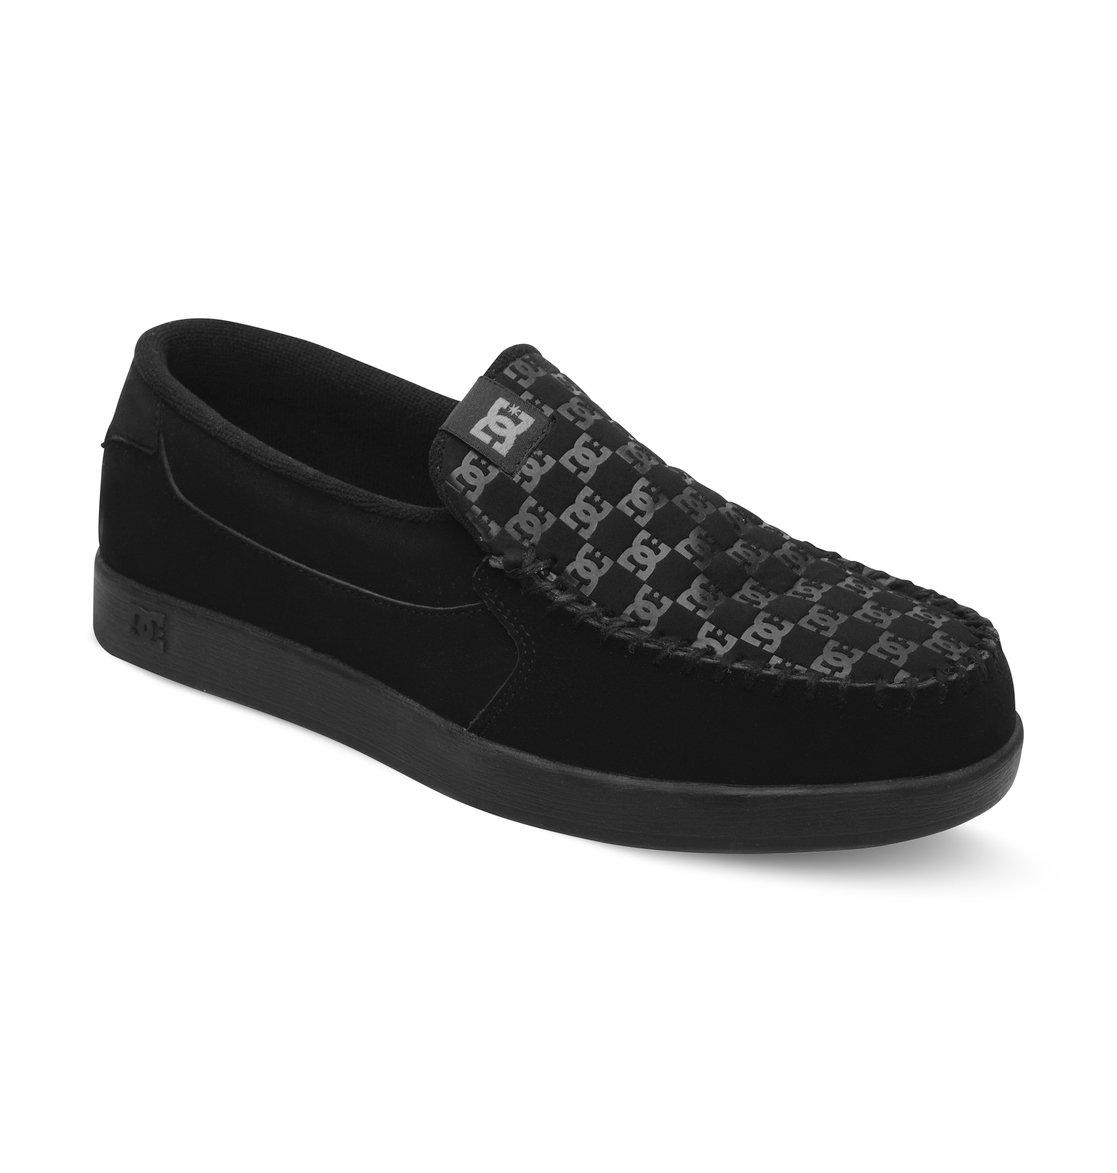 Skate Shoe Warehouse Online